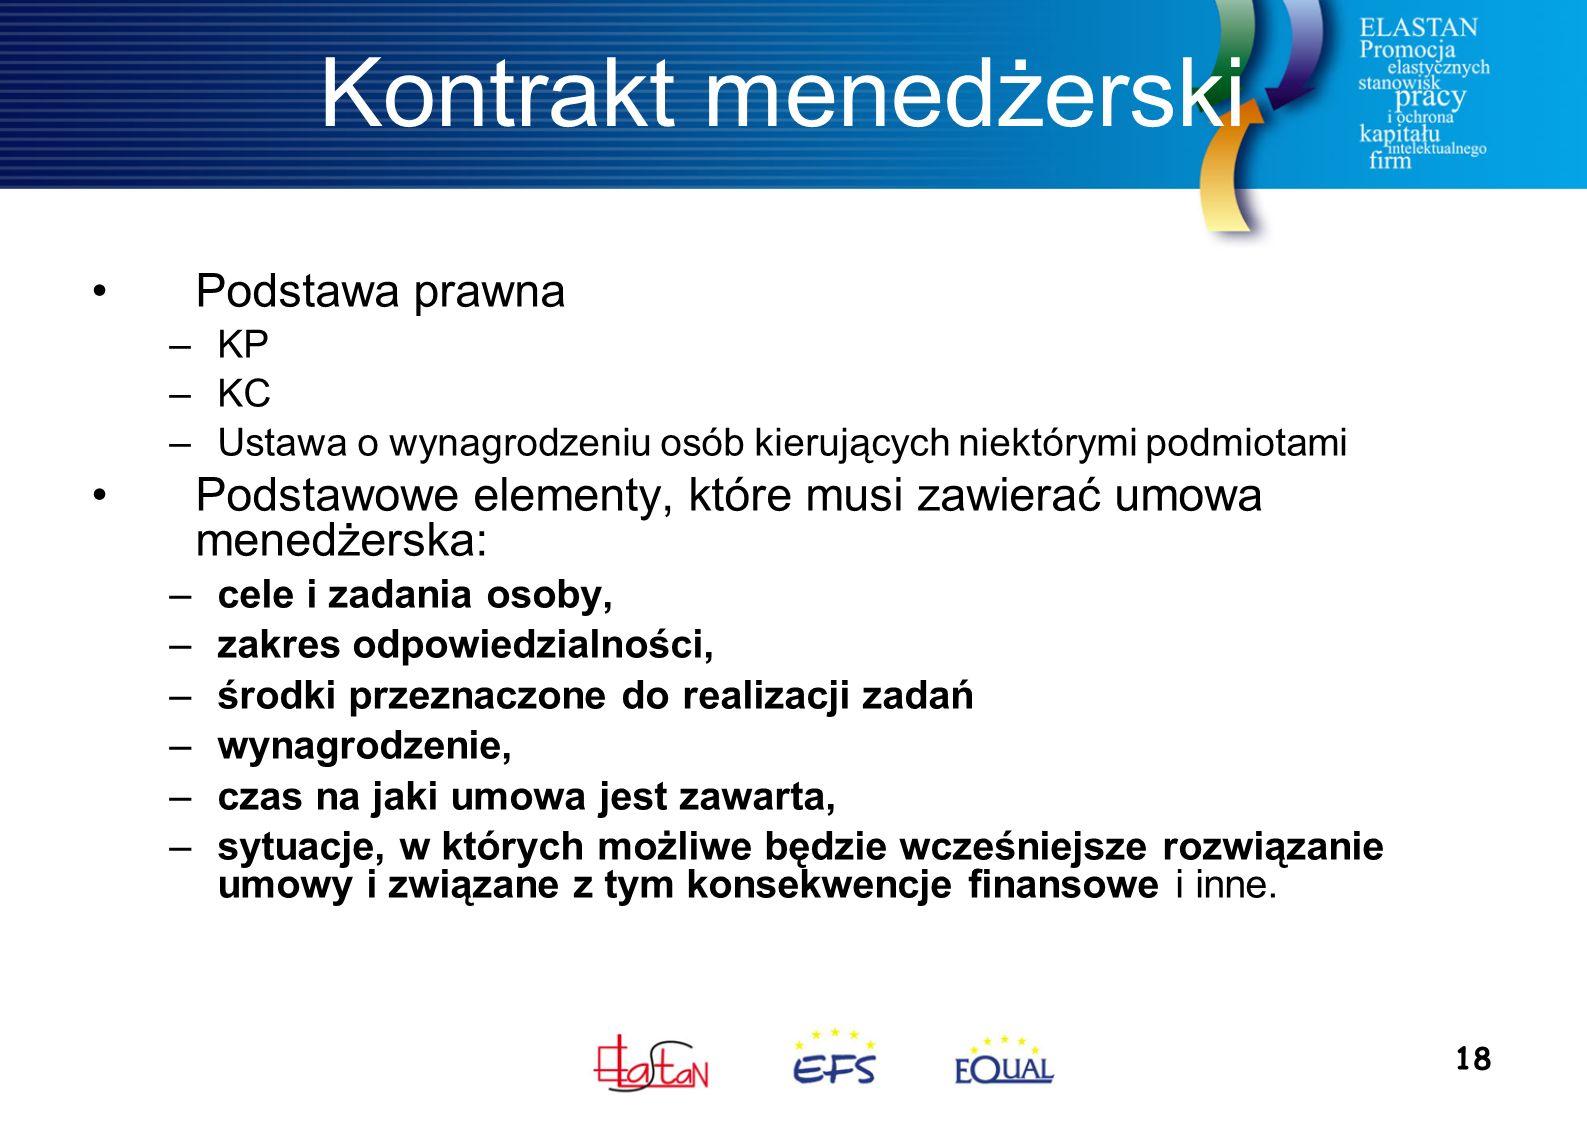 18 Kontrakt menedżerski Podstawa prawna –KP –KC –Ustawa o wynagrodzeniu osób kierujących niektórymi podmiotami Podstawowe elementy, które musi zawierać umowa menedżerska: –cele i zadania osoby, –zakres odpowiedzialności, –środki przeznaczone do realizacji zadań –wynagrodzenie, –czas na jaki umowa jest zawarta, –sytuacje, w których możliwe będzie wcześniejsze rozwiązanie umowy i związane z tym konsekwencje finansowe i inne.